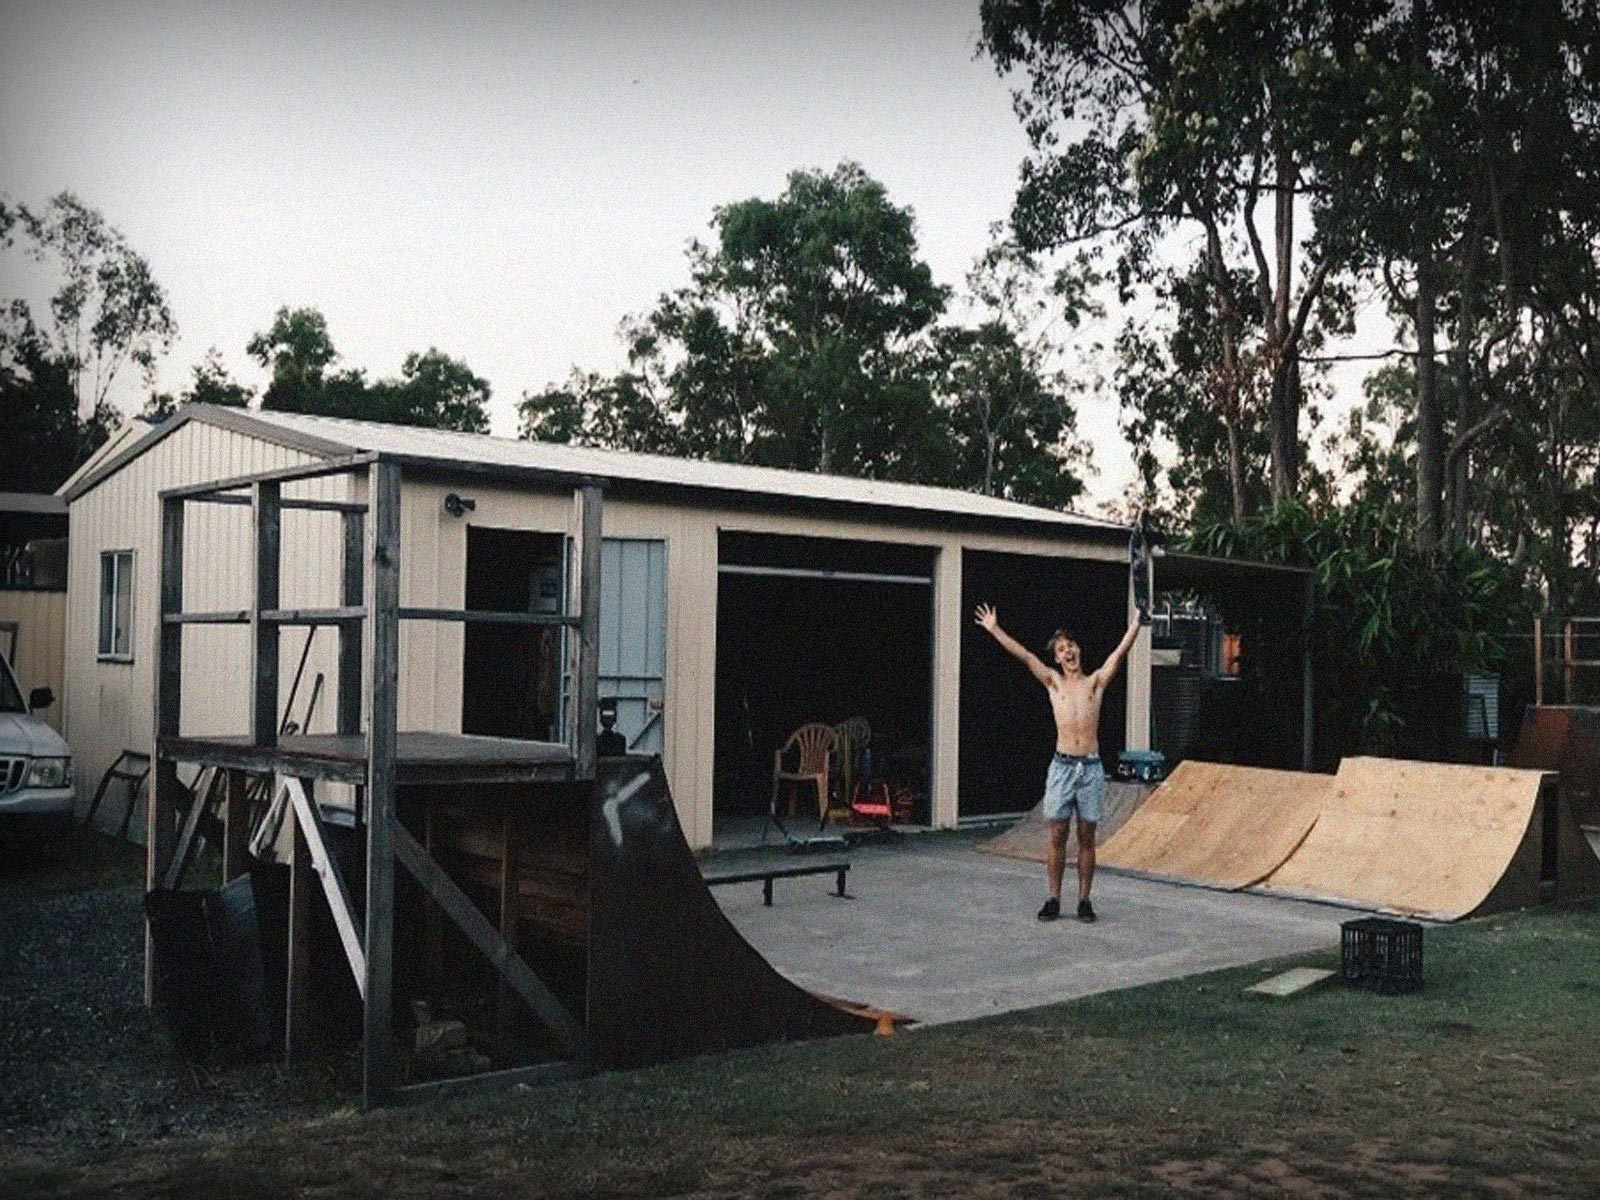 como construir uma pista de skate